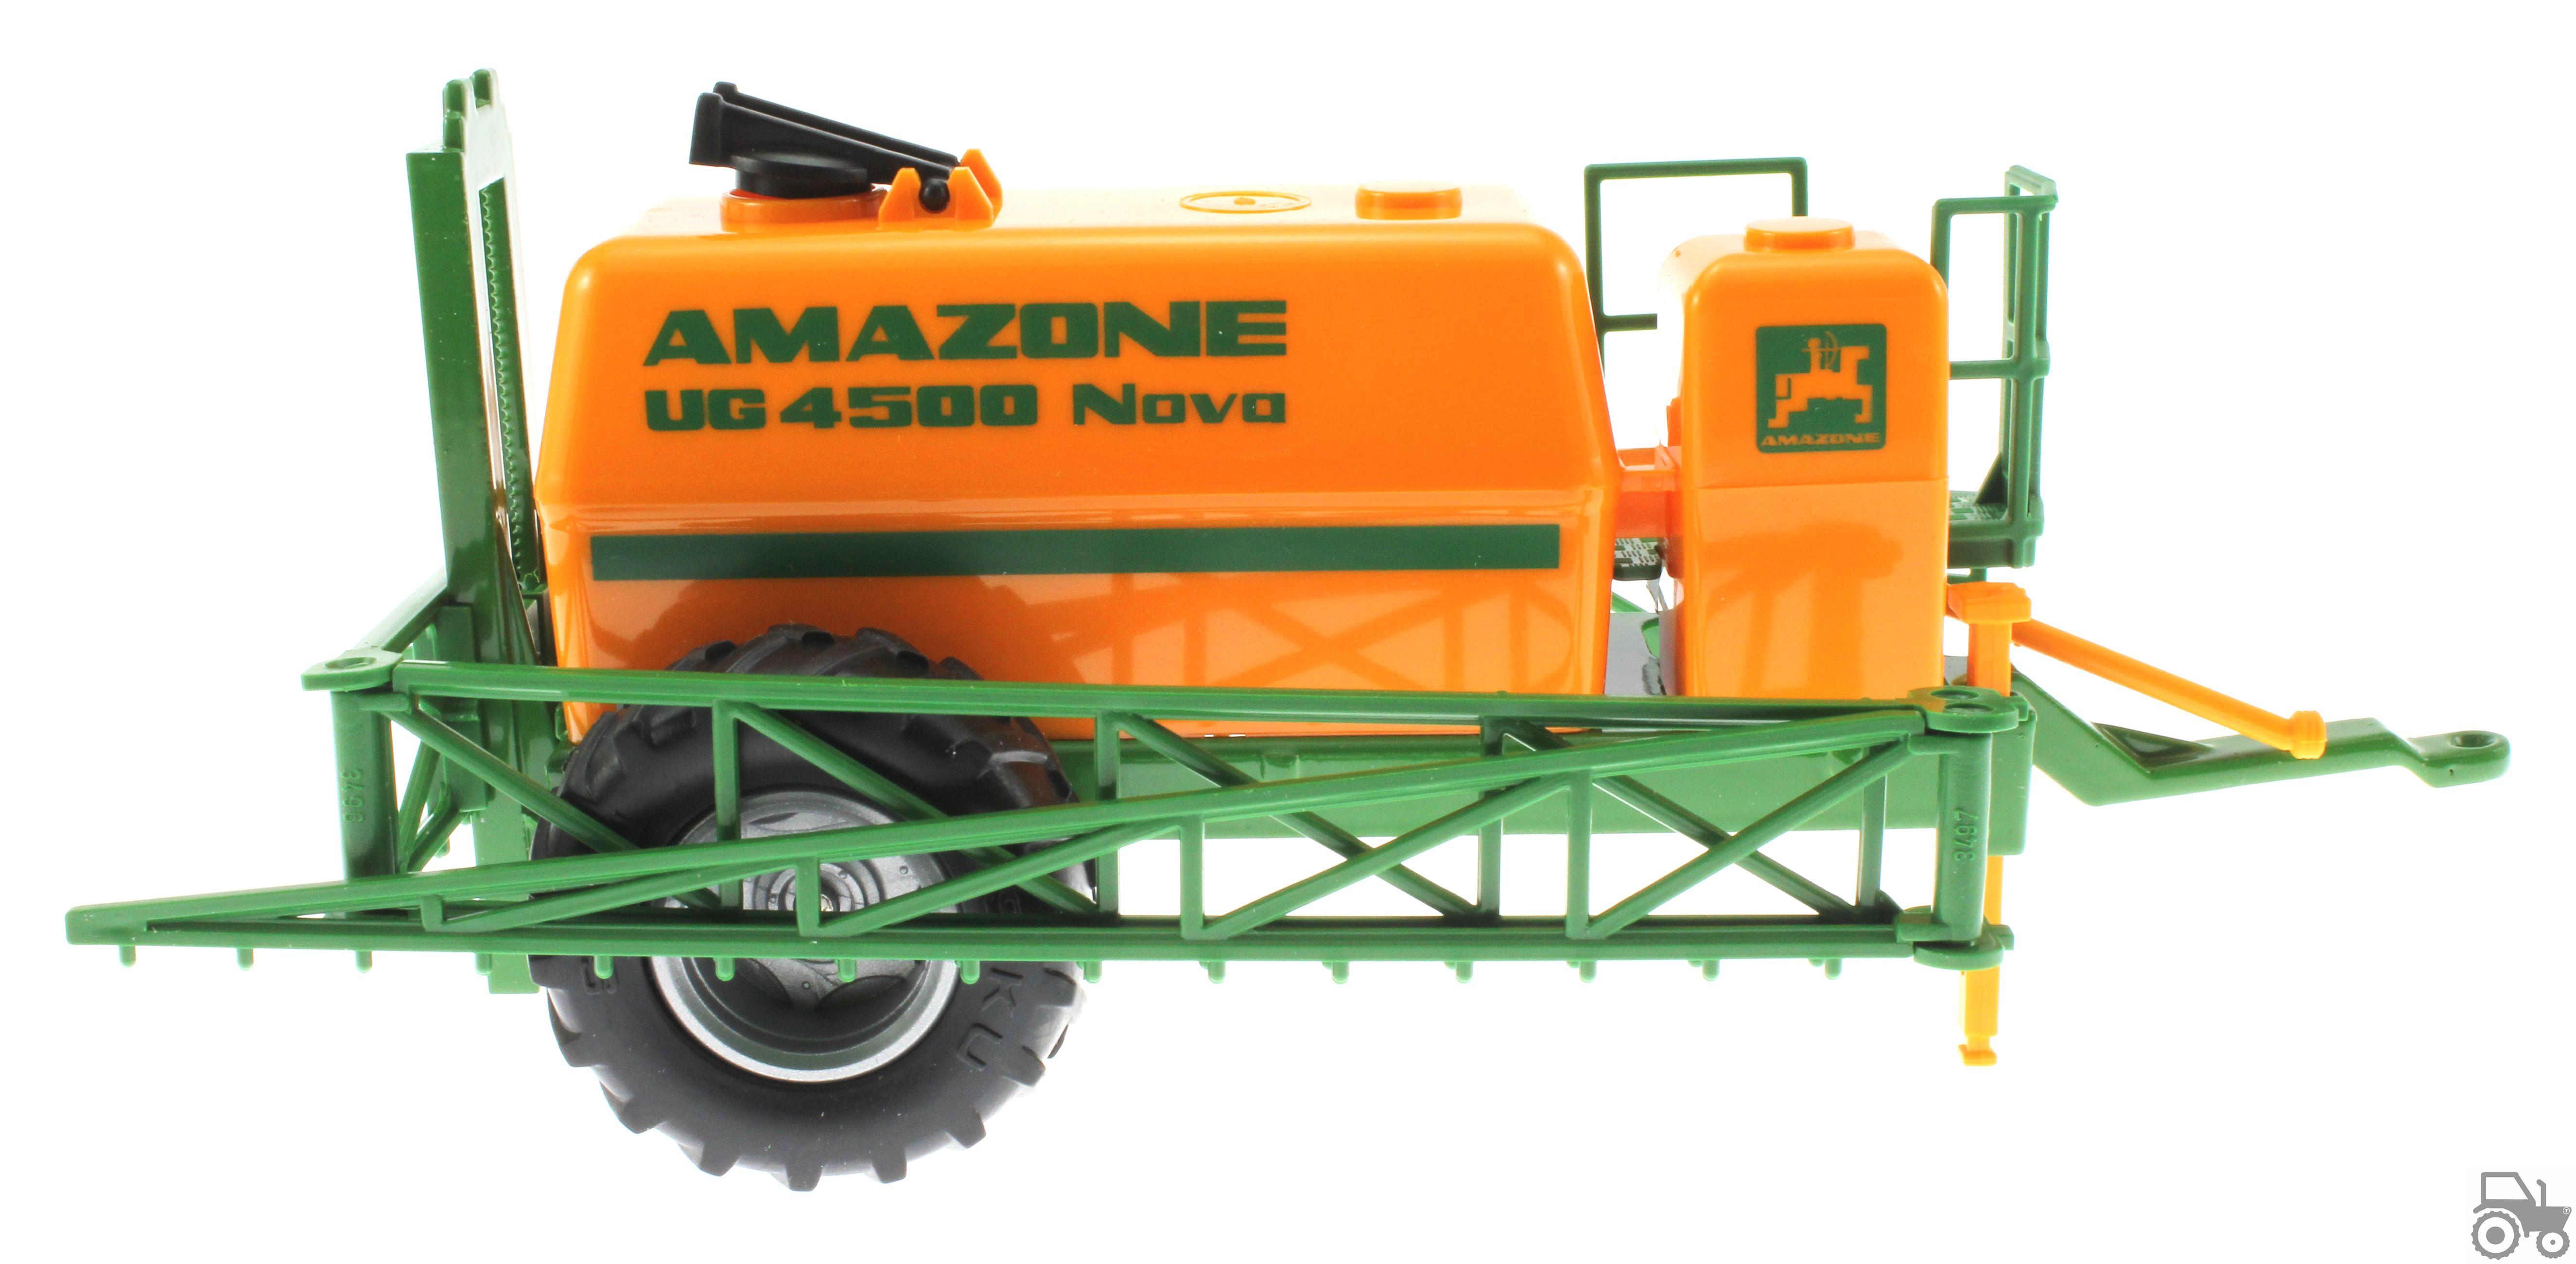 Siku 2563 - Hänger-Feldspritze Amazone UG 4500 Nova